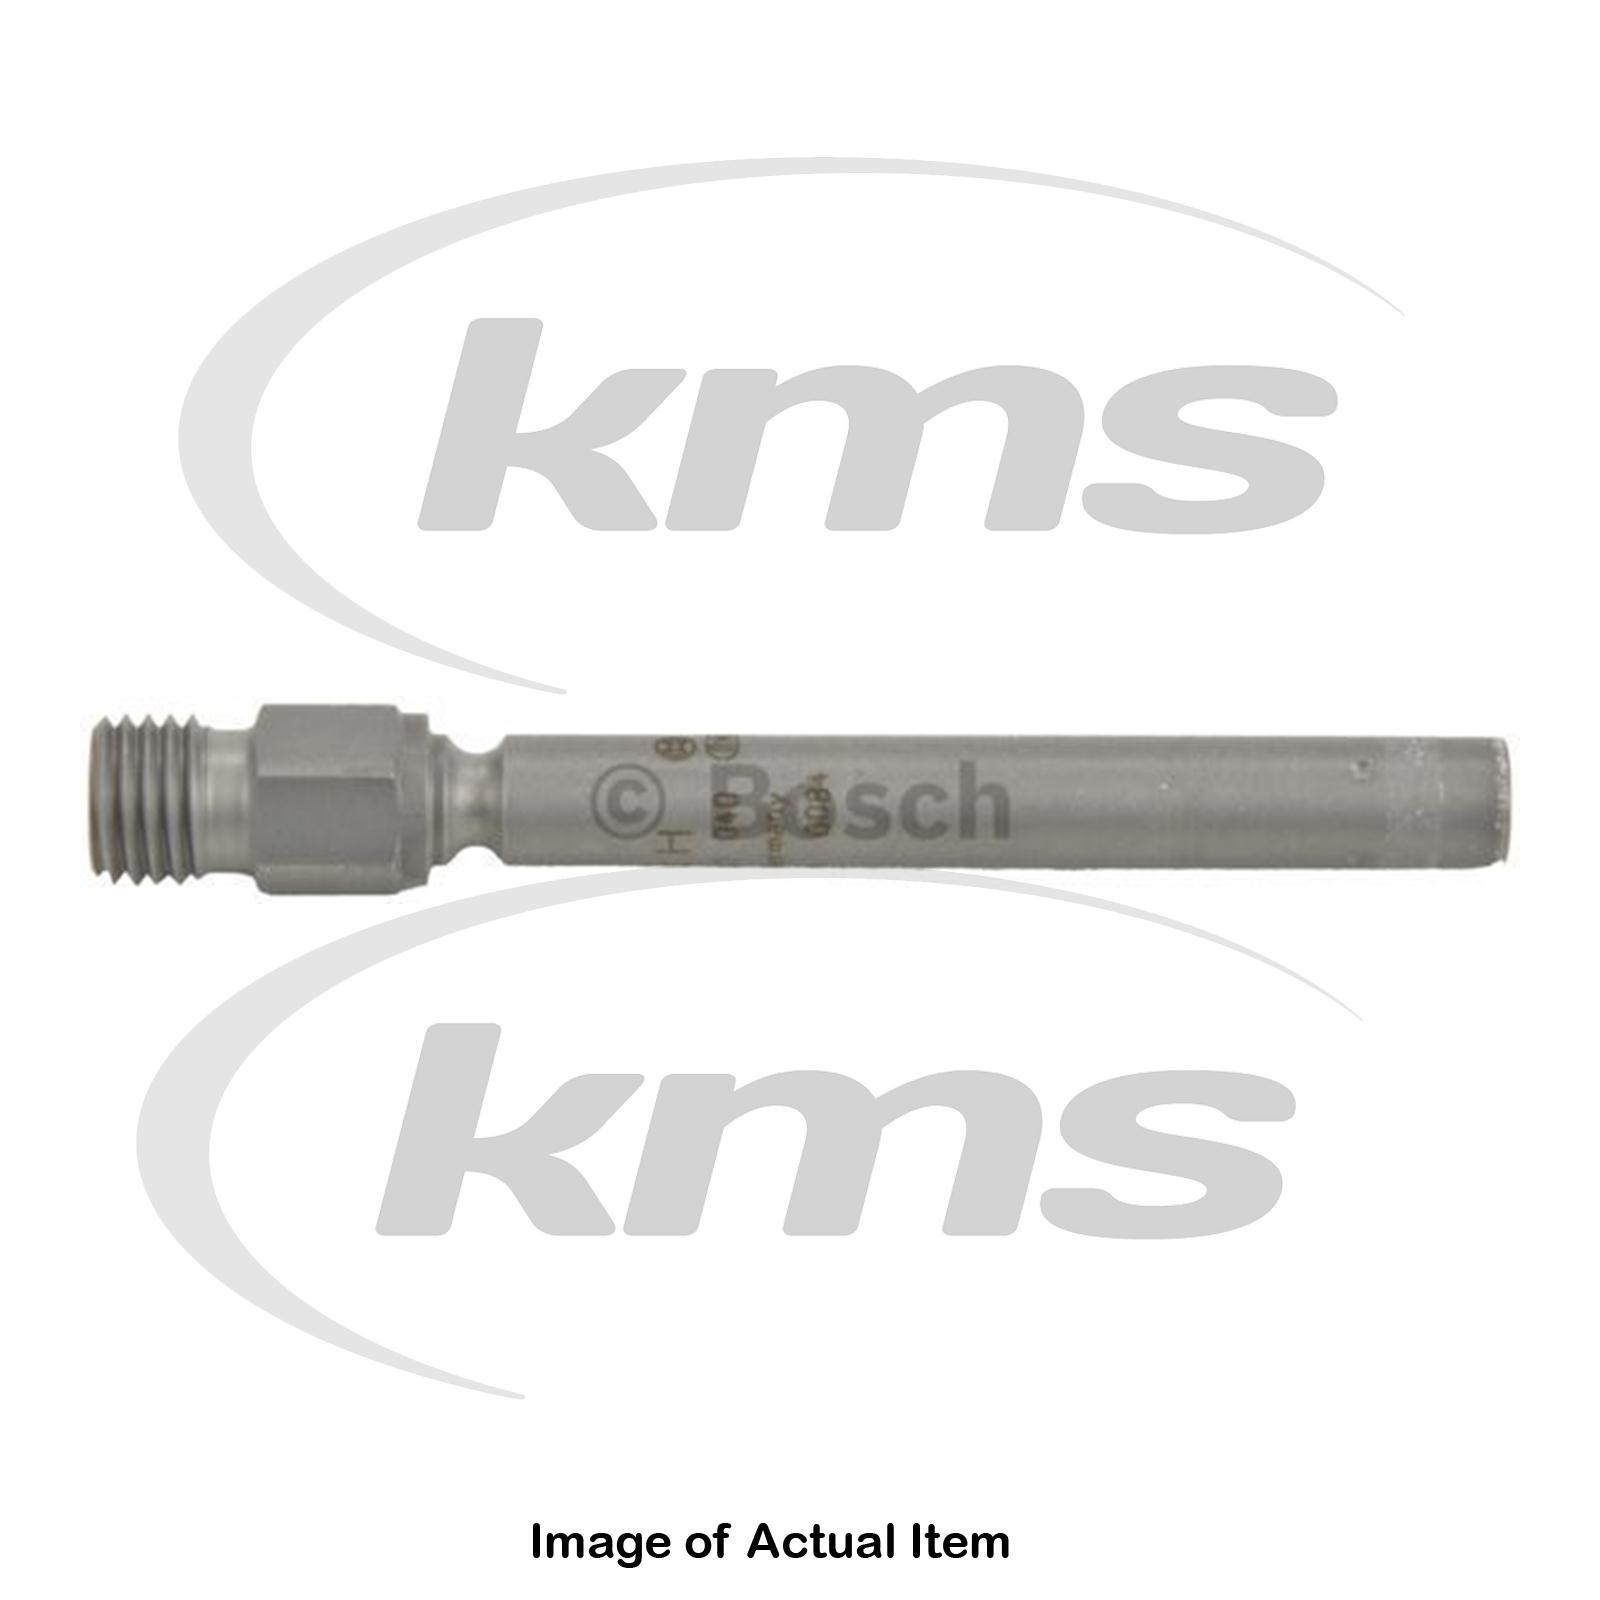 NUOVO Originale Bosch Iniettore Carburante 0 437 502 040 Top Qualità Tedesca